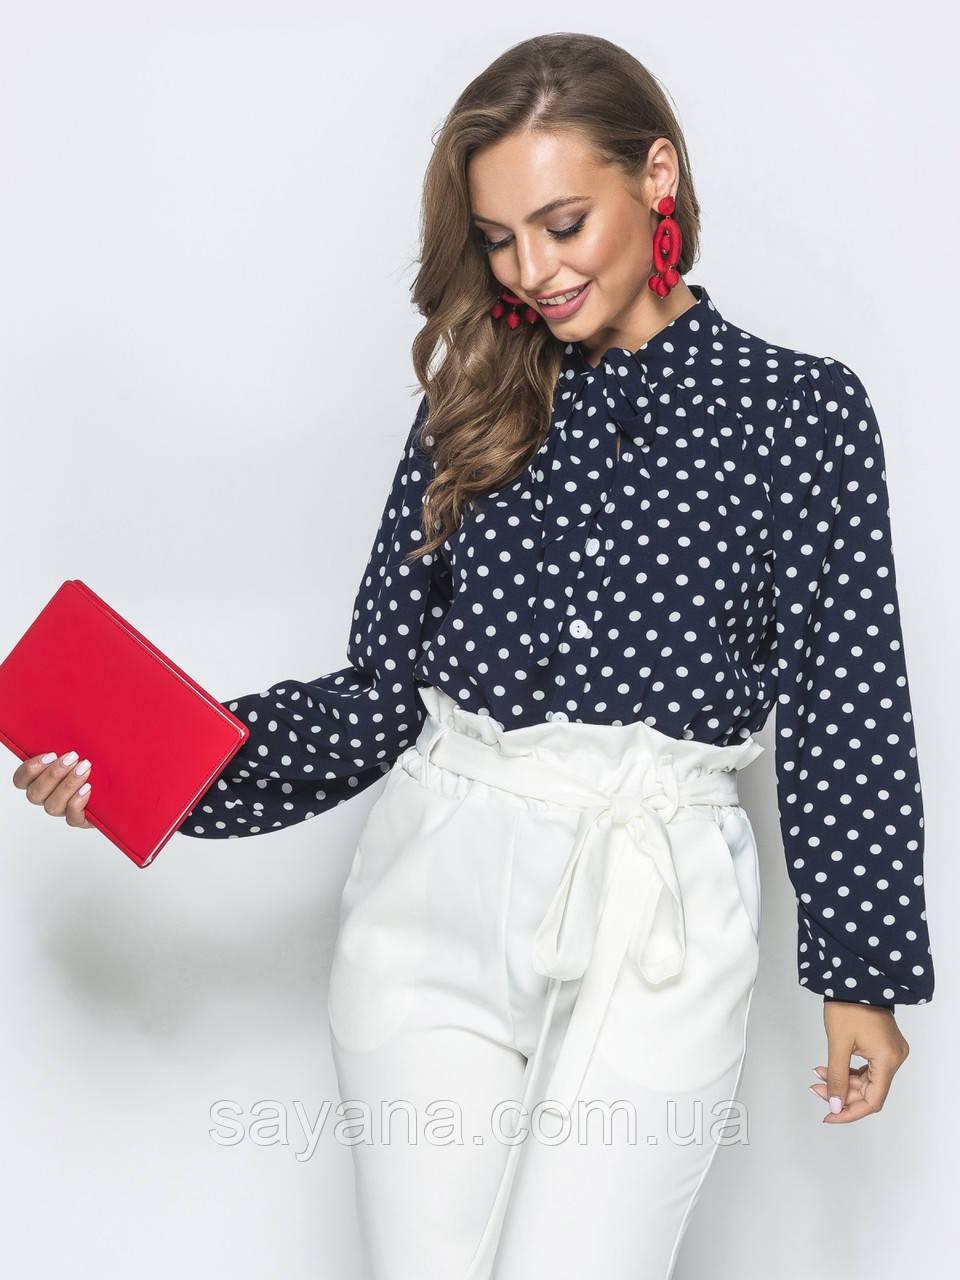 Женская блуза в расцветках ЛП-3-2-0620(731)